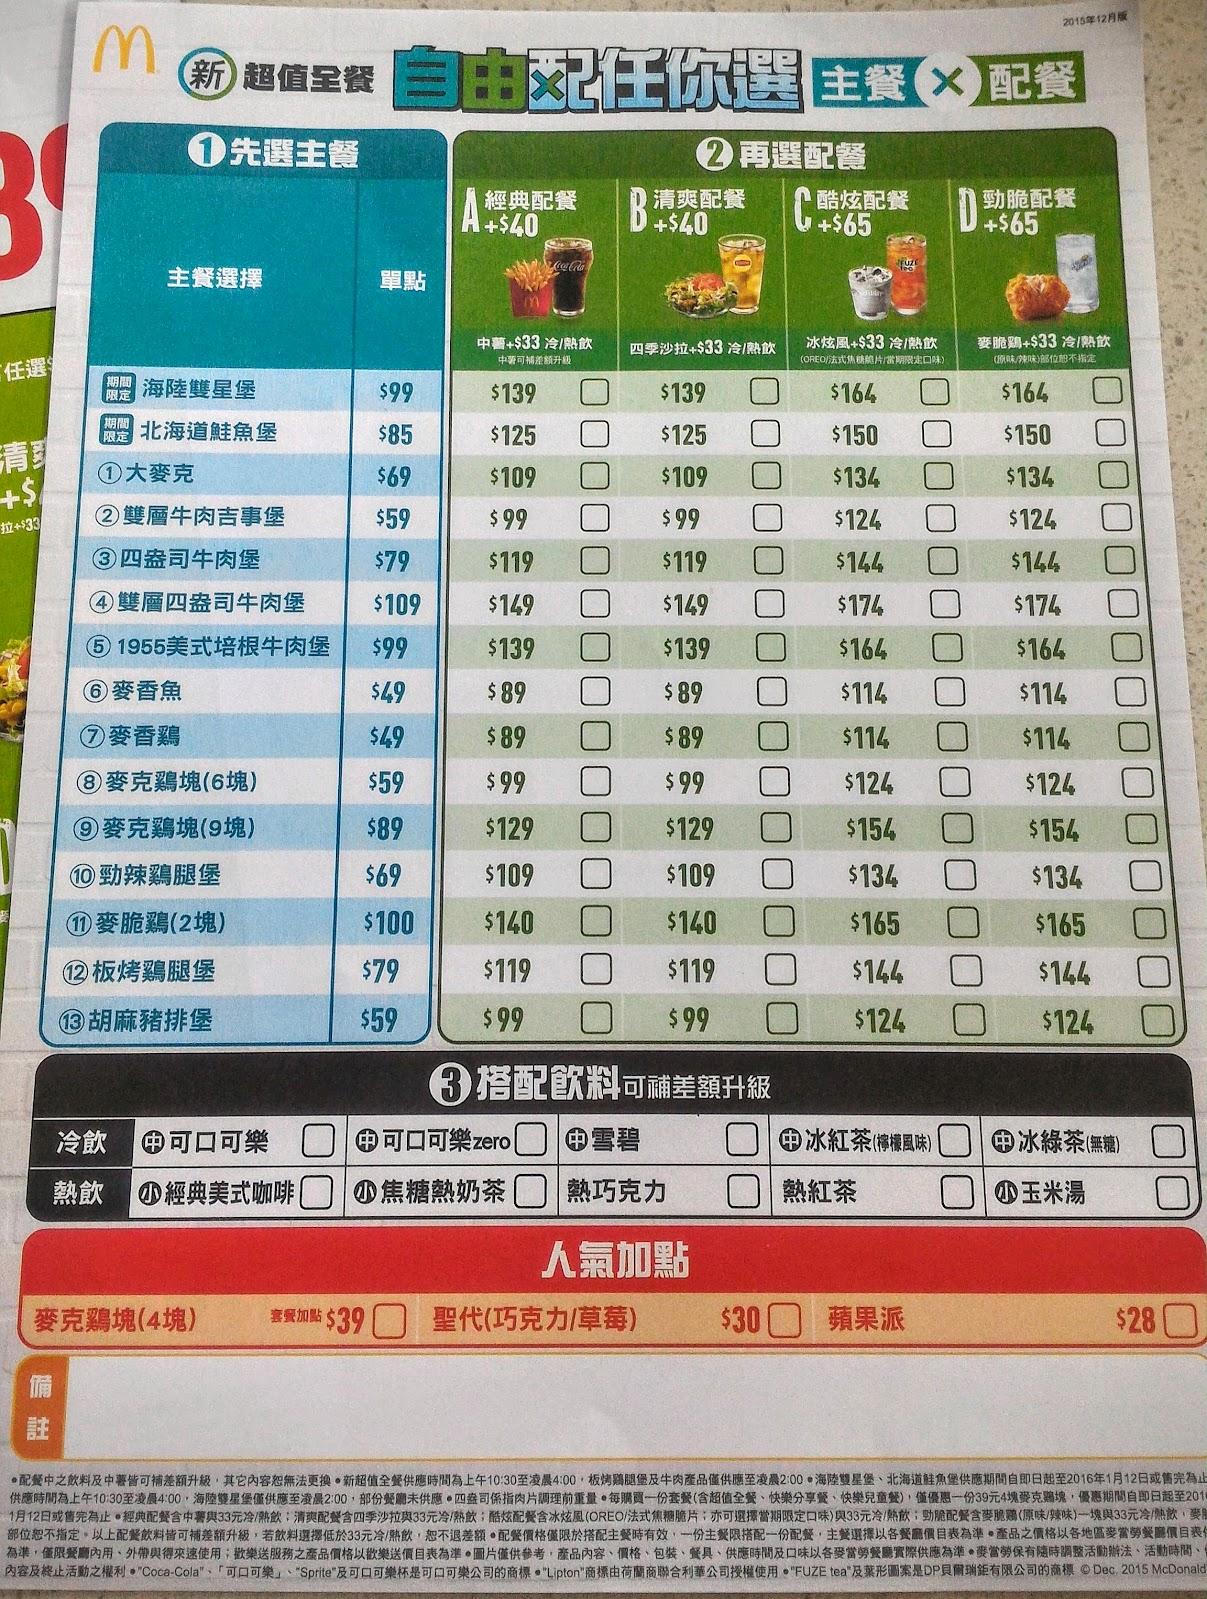 西瓜綠食遊: 【麥當勞】麥當勞全新超值全餐自由配任你選菜單價格表 與 年終限定北海道鮭魚堡